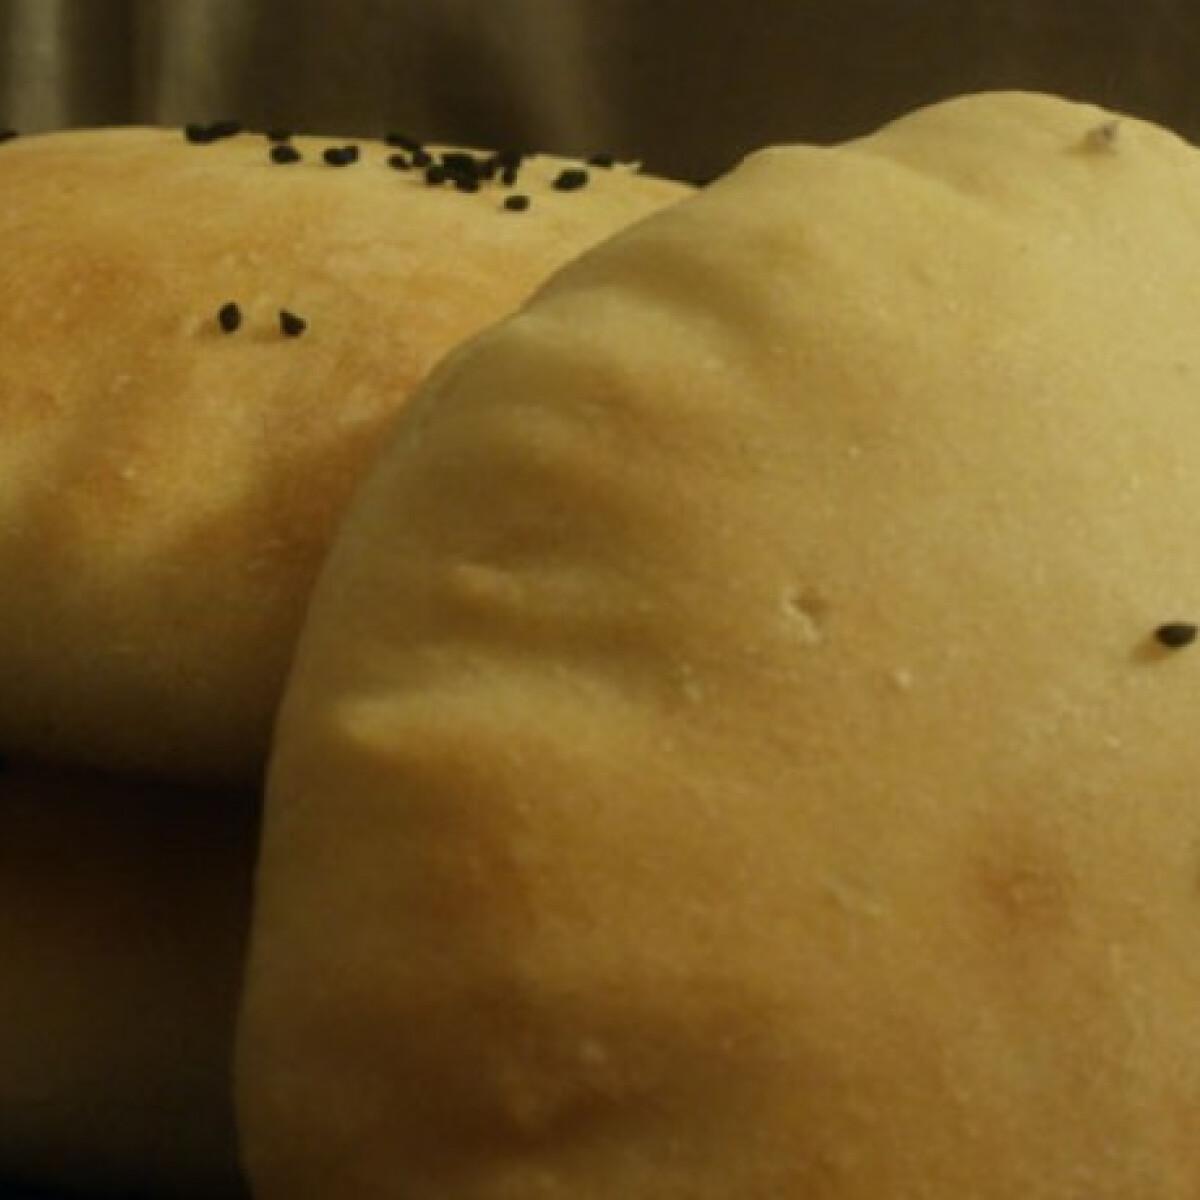 Ezen a képen: Zatta - arab lapos kenyér